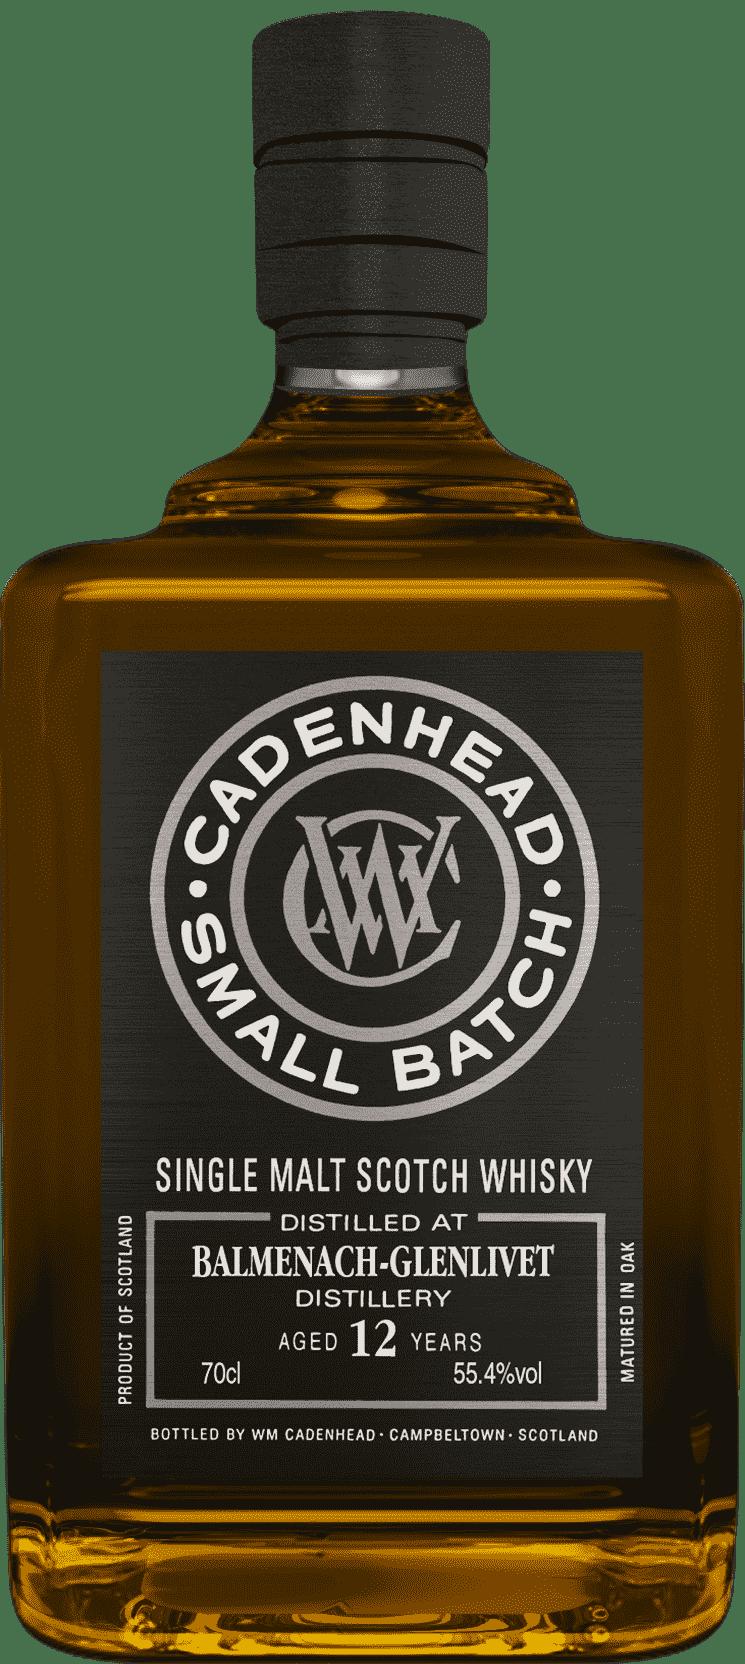 A Bottle of Balmenach-Glenlivet